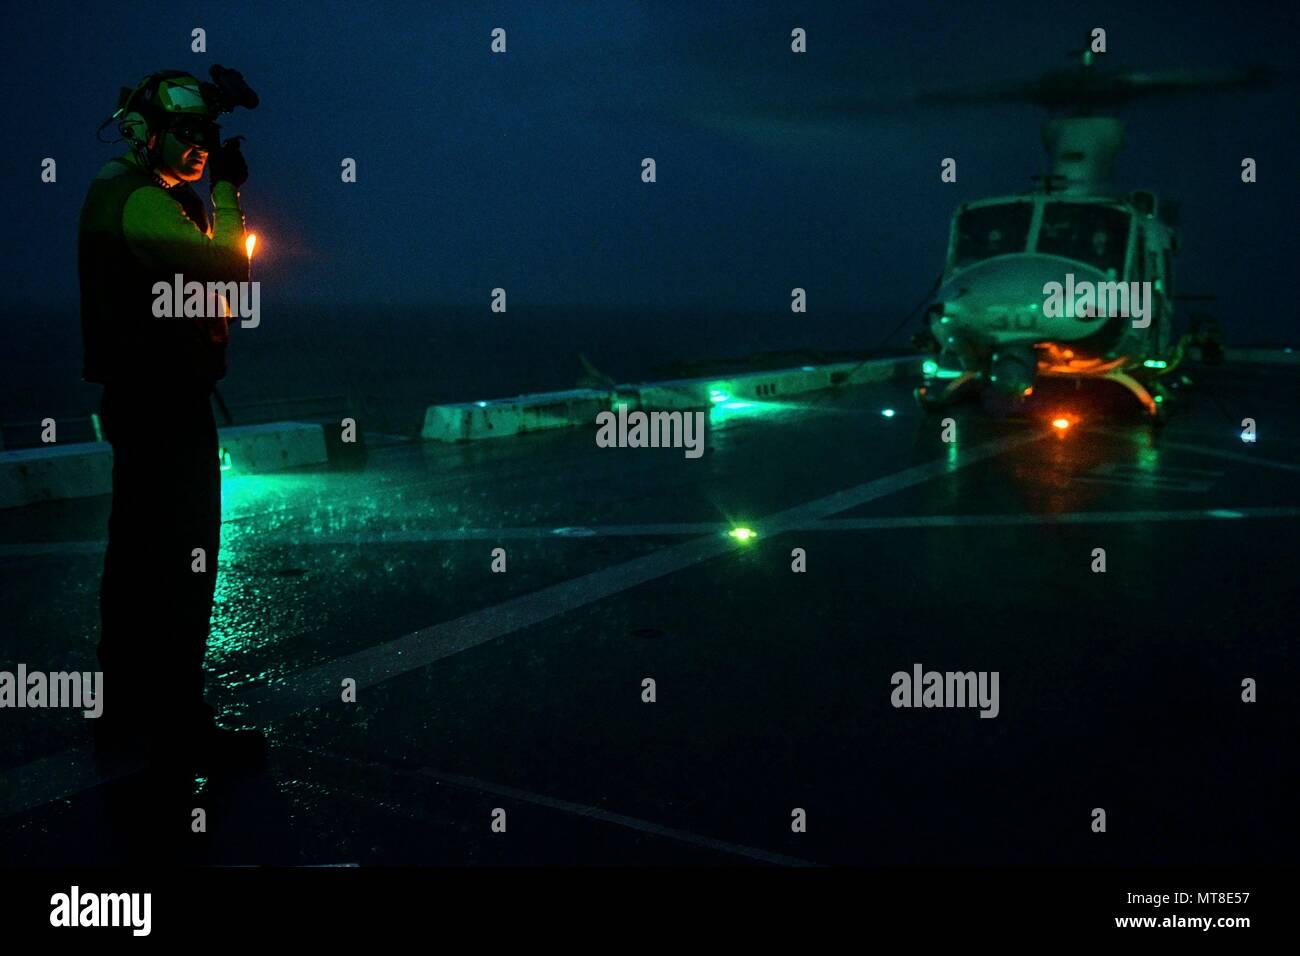 Indischer Ozean (31. 30, 2017) Aviation Bootsmann Mate Handhabung Airman Ryan Sharland, aus Newport Beach, Calif., leitet ein UH-1Y Venom, zugeordnet zu den Marine Medium Tiltrotor Squadron (VMM) 161 (verstärkt), auf dem Flugdeck des amphibious Transport dock Schiff USS San Diego LPD (22). San Diego, Teil der Amerika amphibischen bereit, Gruppe, mit Eingeschifft 15 MEU, arbeitet in der Indo-Asia - Pacificregion Partnerschaften zu stärken und dienen als ready-Response Force für jede Art von Kontingenz. (U.S. Marine Foto von Mass Communication Specialist 3. Klasse Justin A. Schoenberger/Freigegeben) Stockfoto